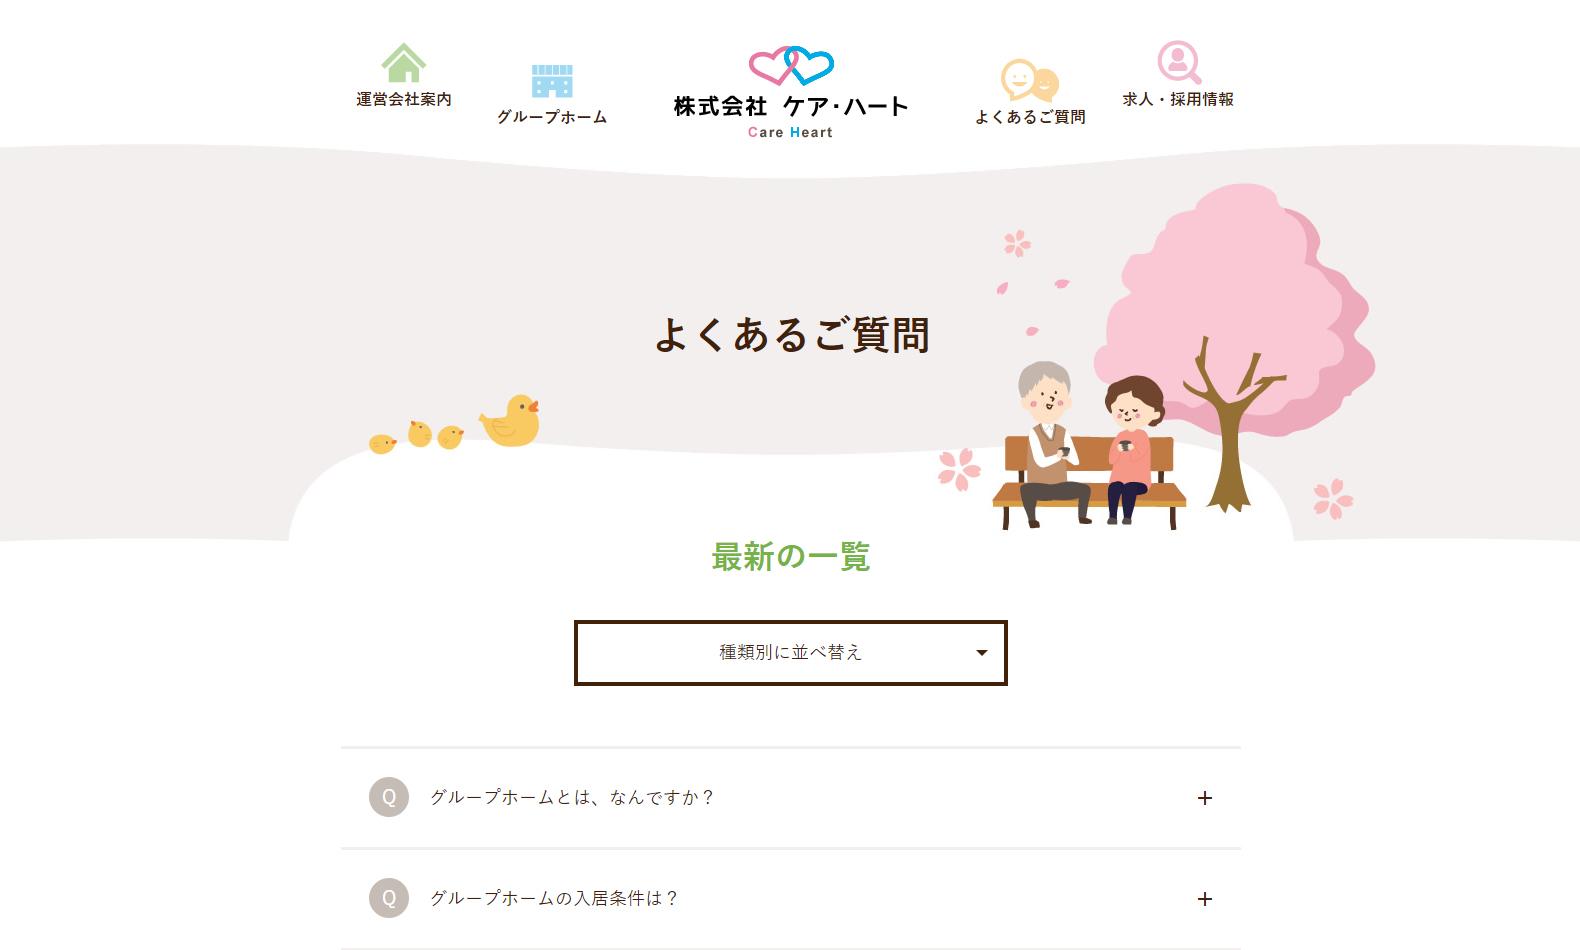 株式会社ケアハート